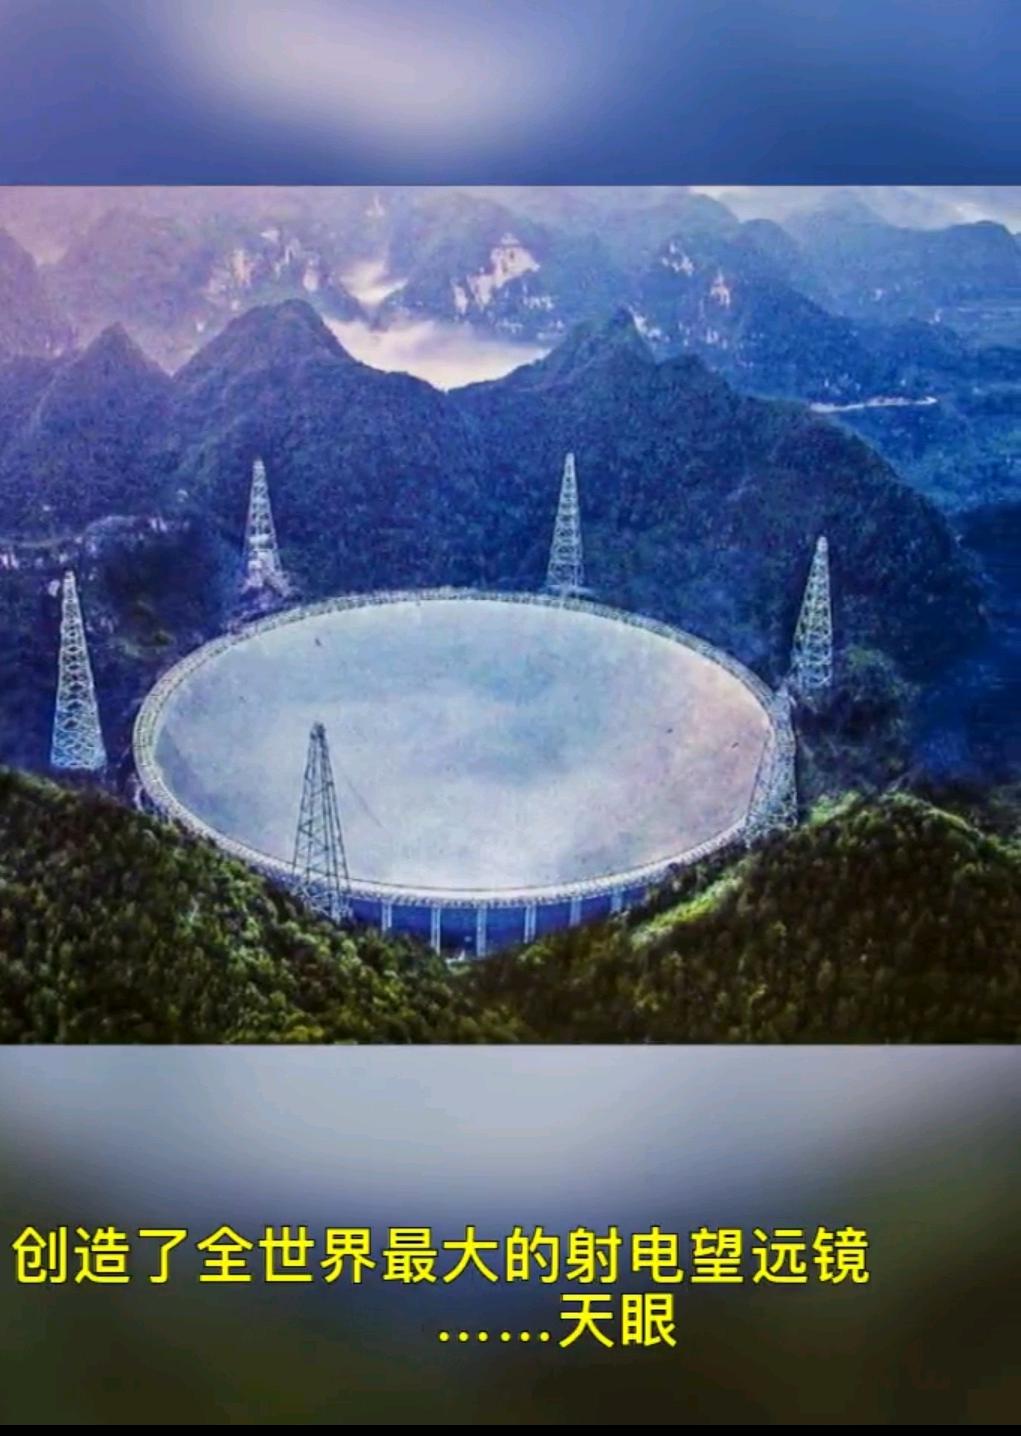 贵州独山县天眼风景